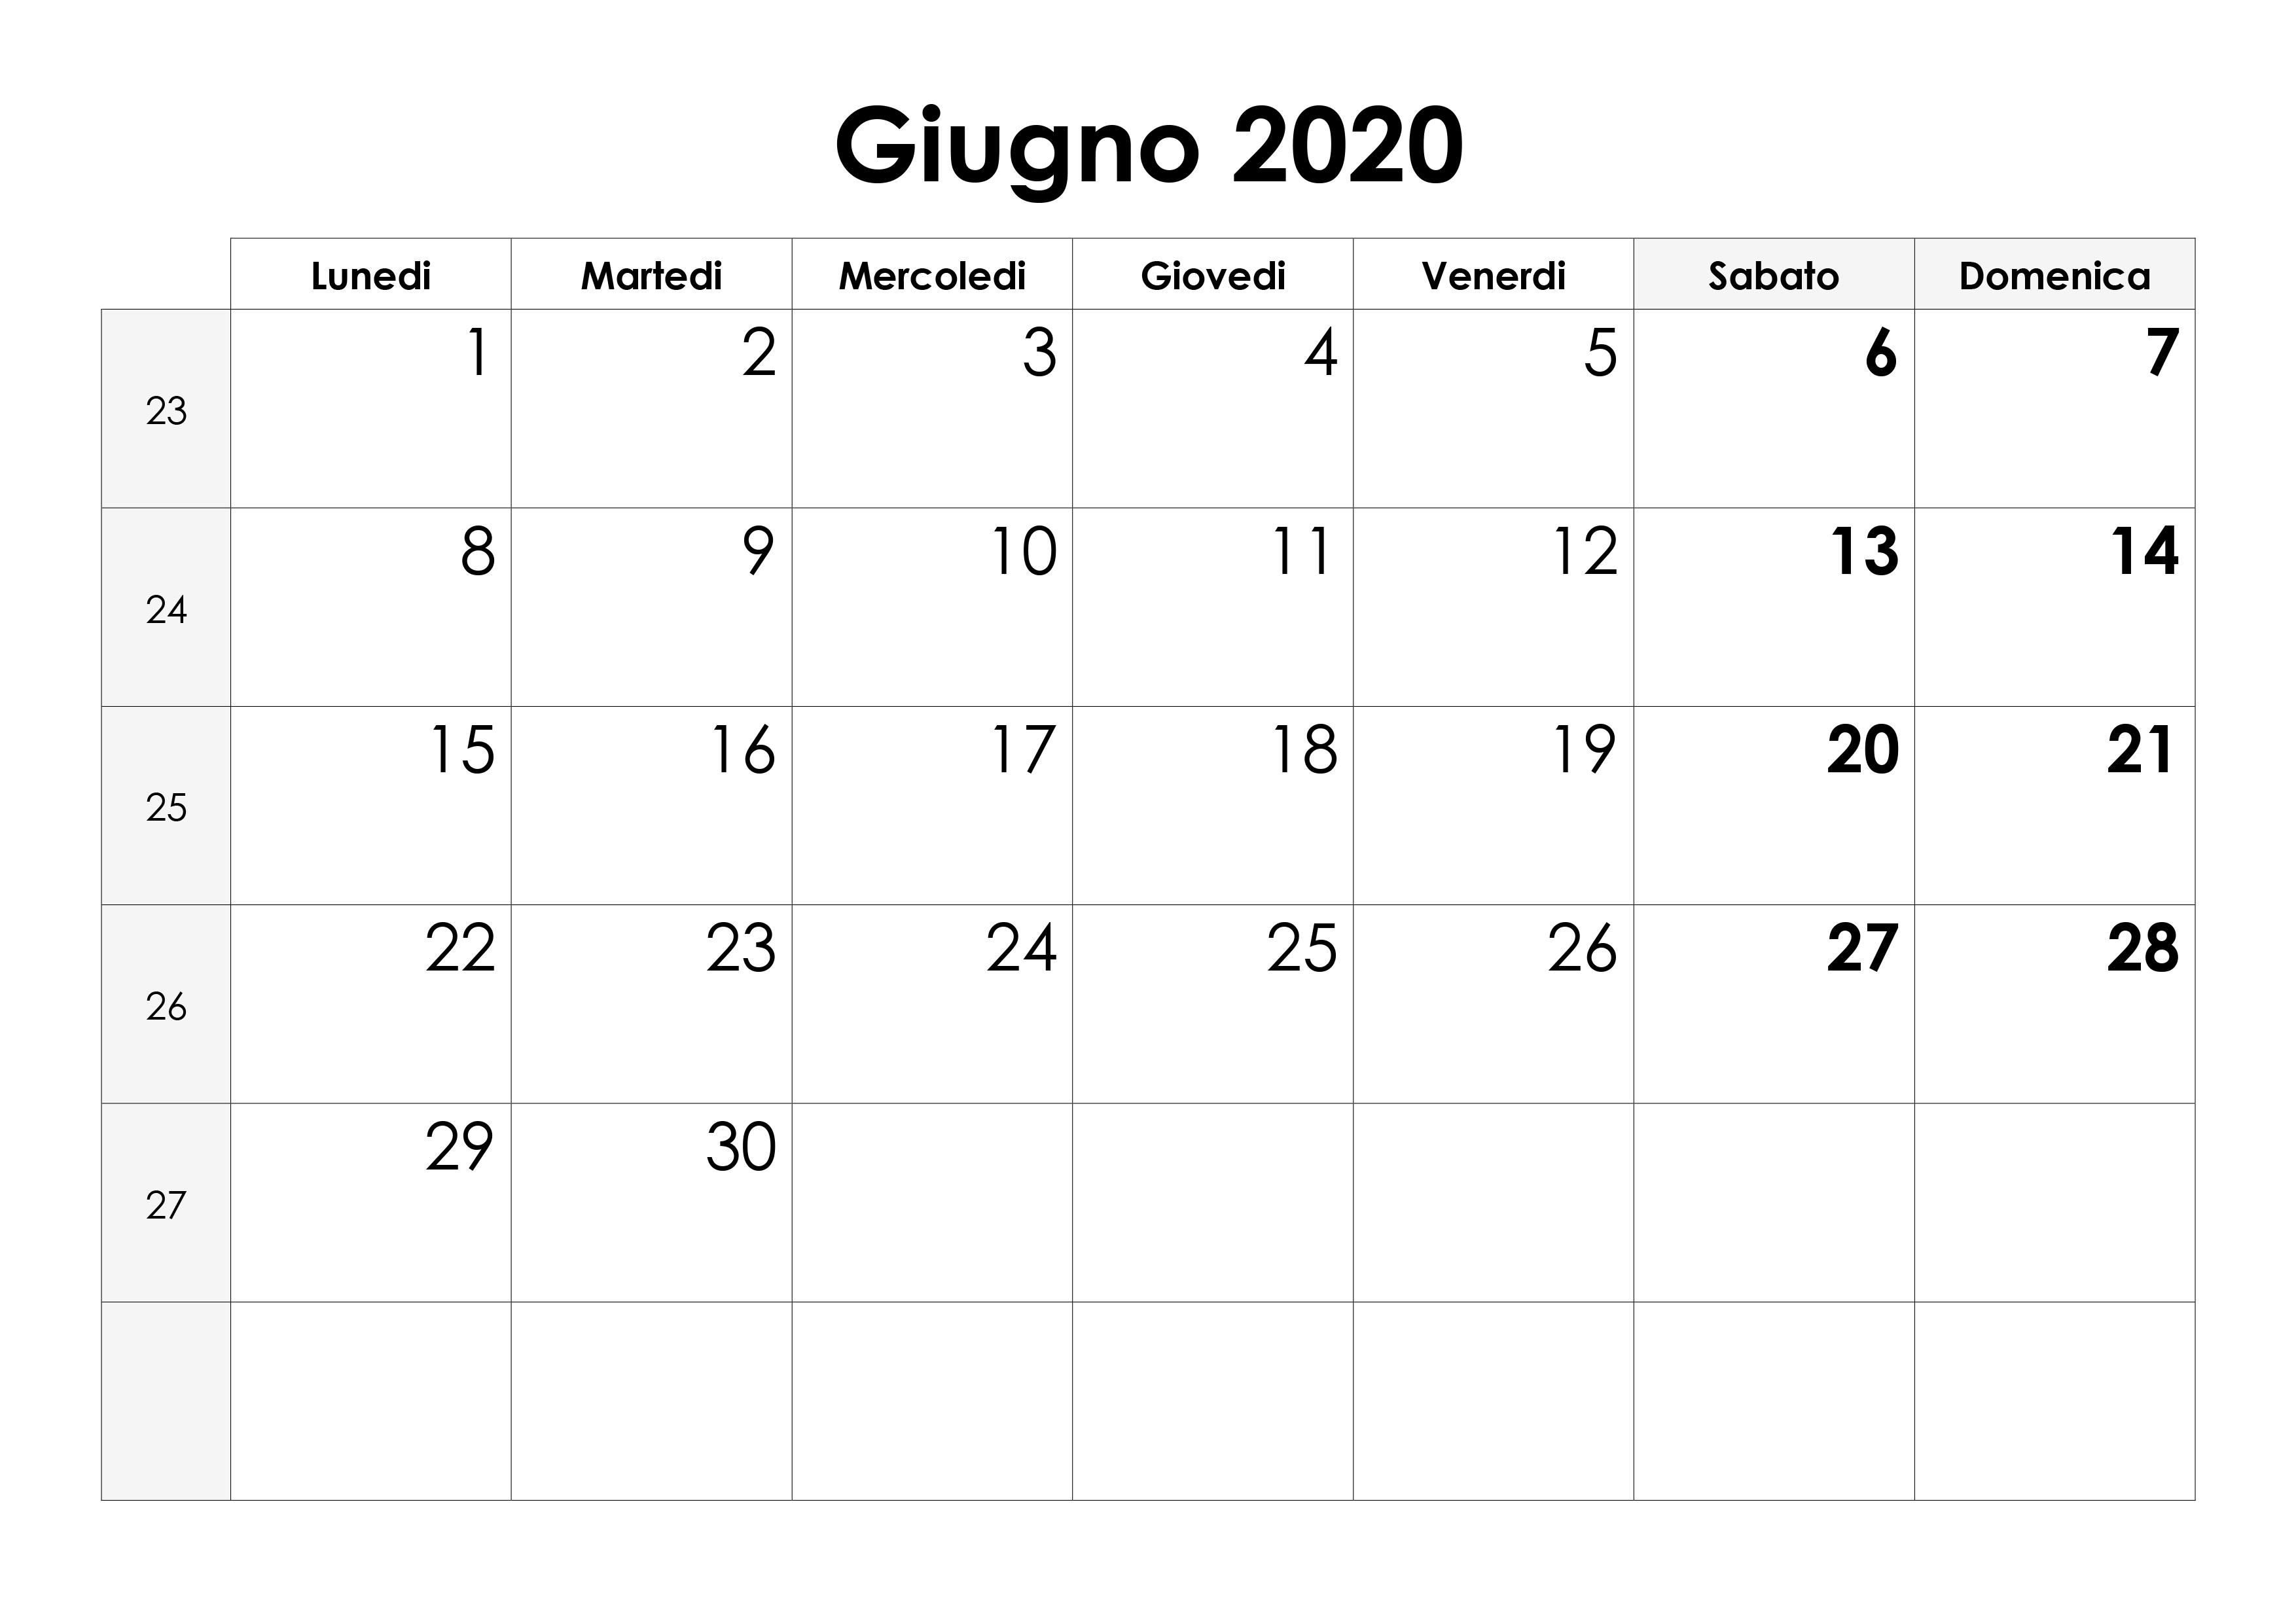 Calendario Da Settembre 2019 A Giugno 2020.Calendario Giugno 2020 Calendario Su